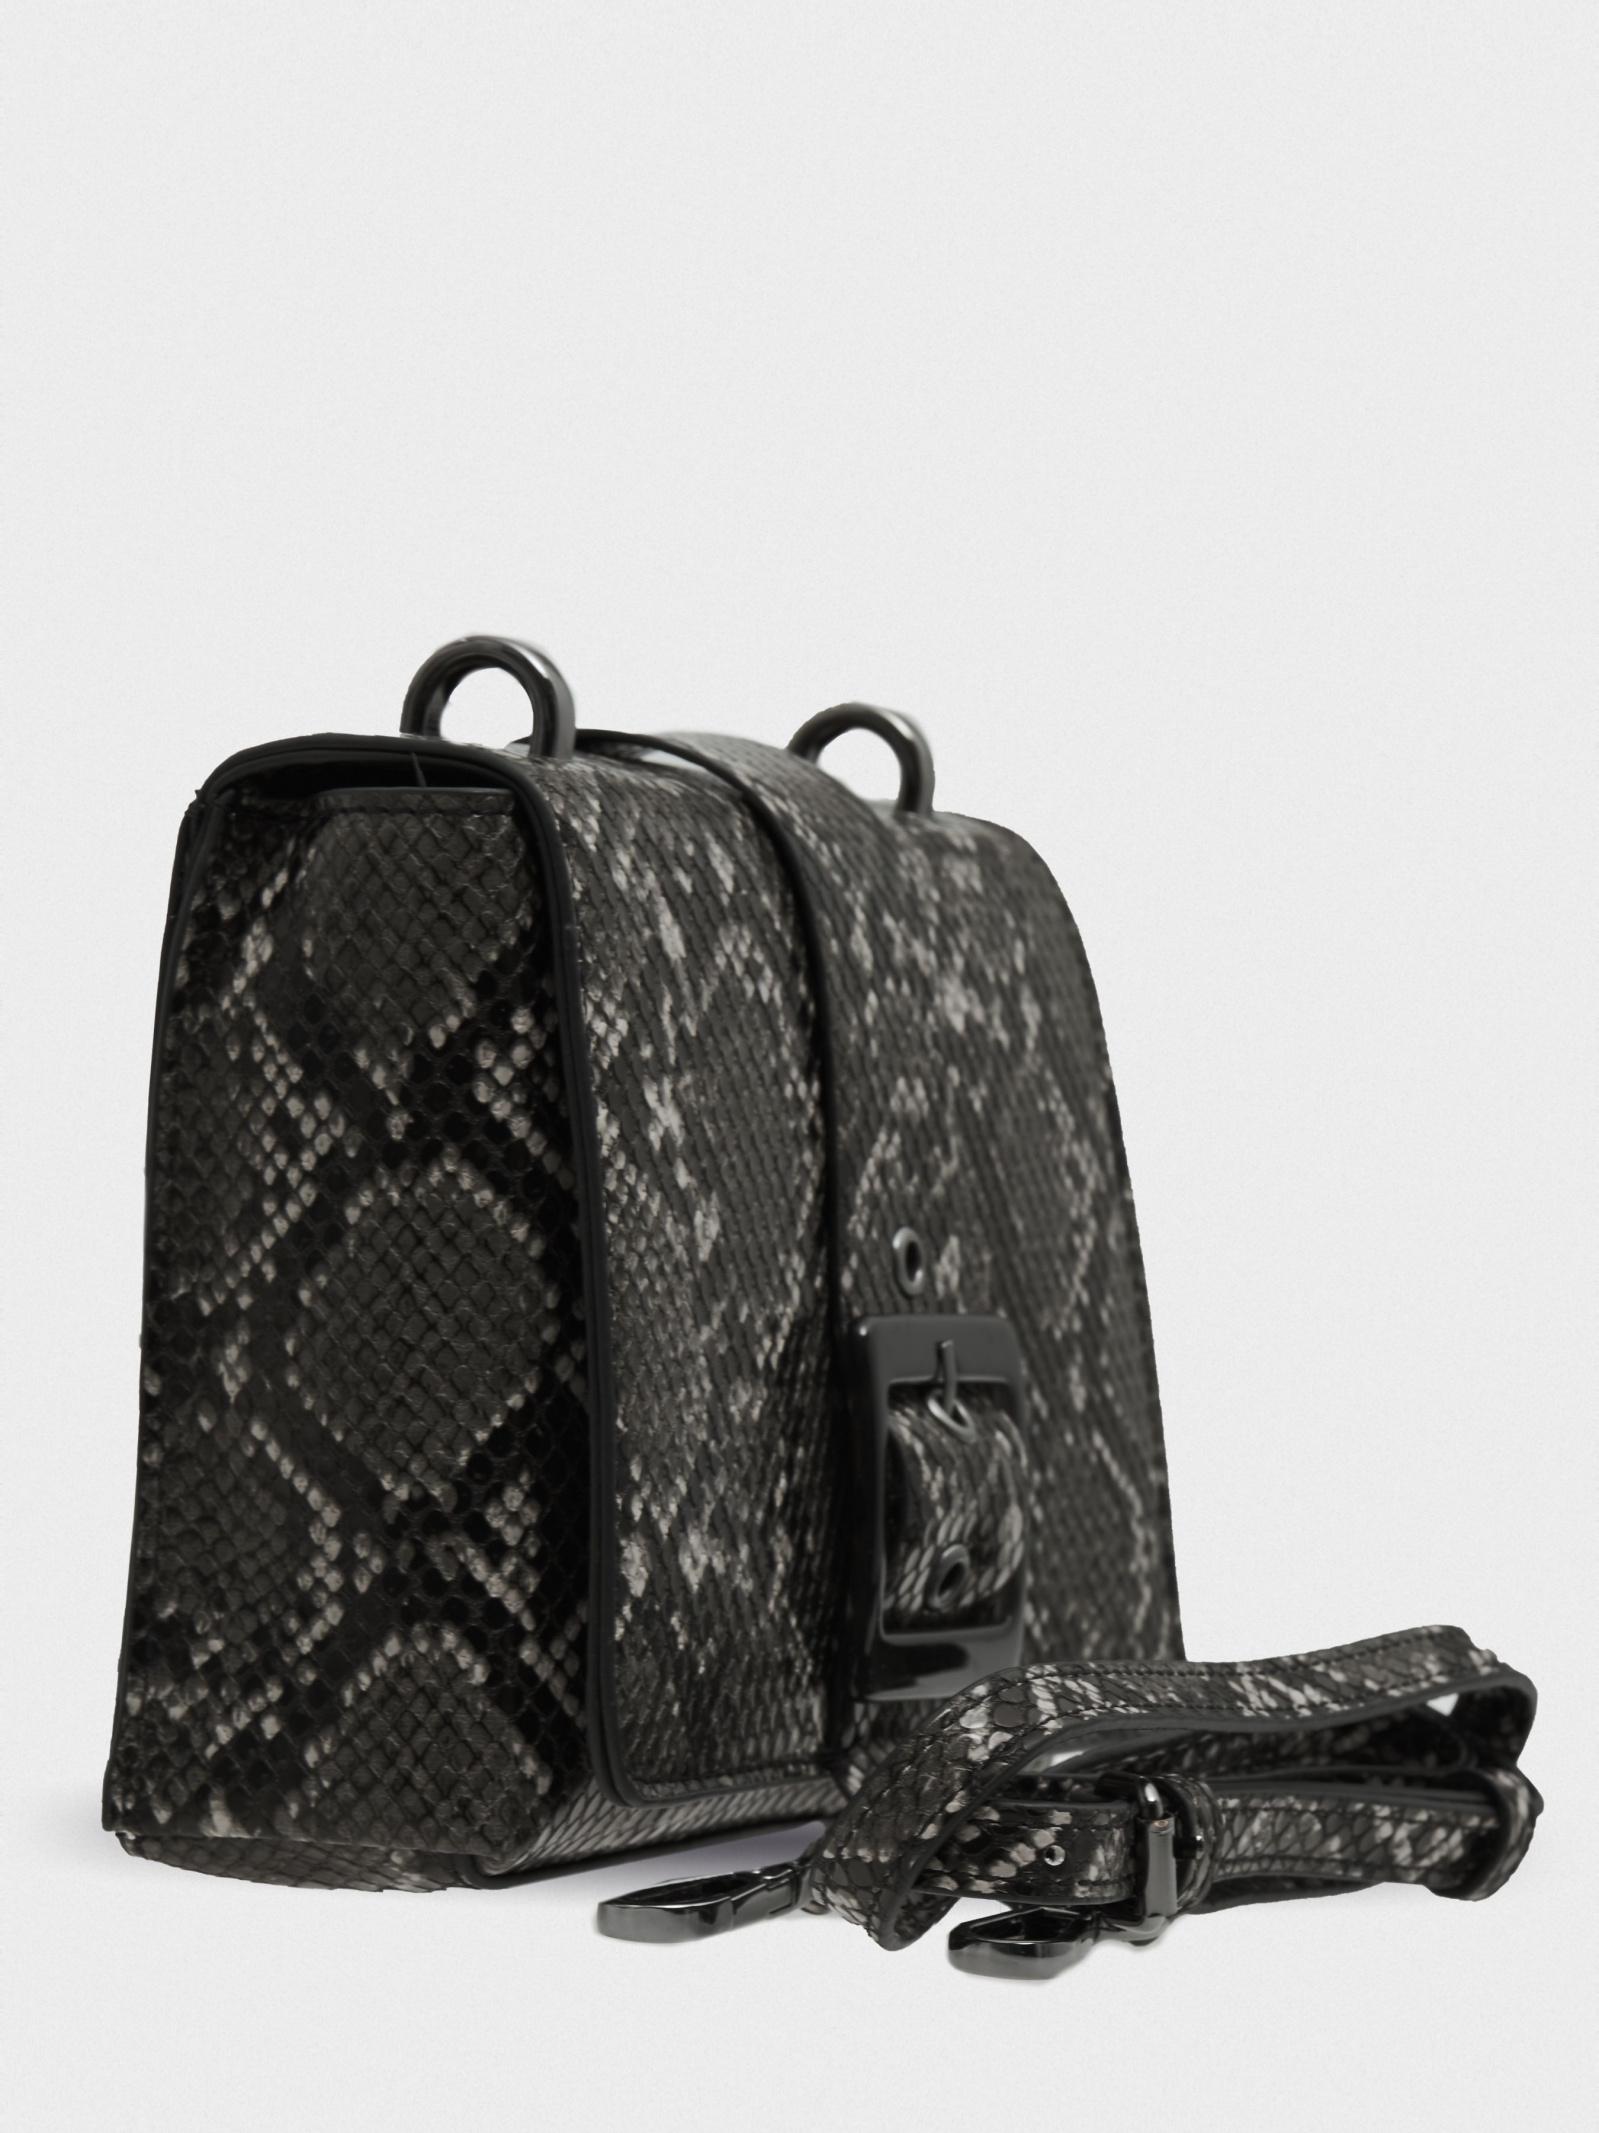 Сумка  Marco Tozzi модель 61017-24-021 black/snake приобрести, 2017